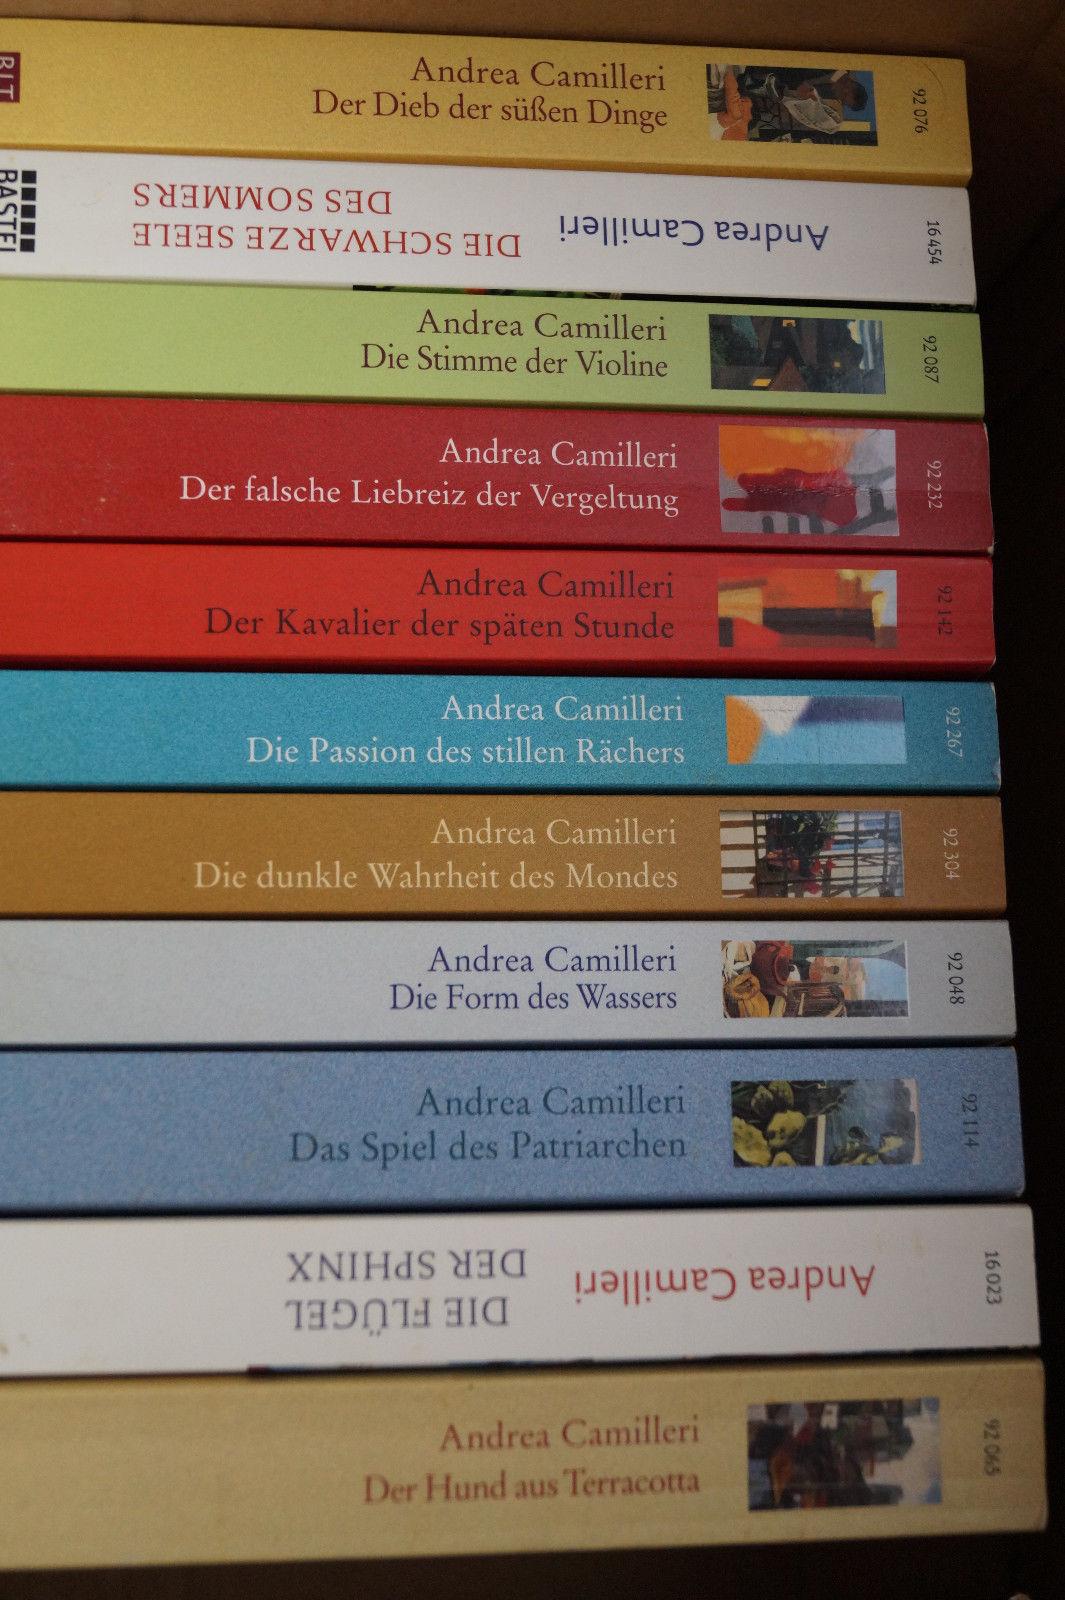 Andrea Camilleri Krimi Bücherpaket - 11 Bücher - , super Zustand